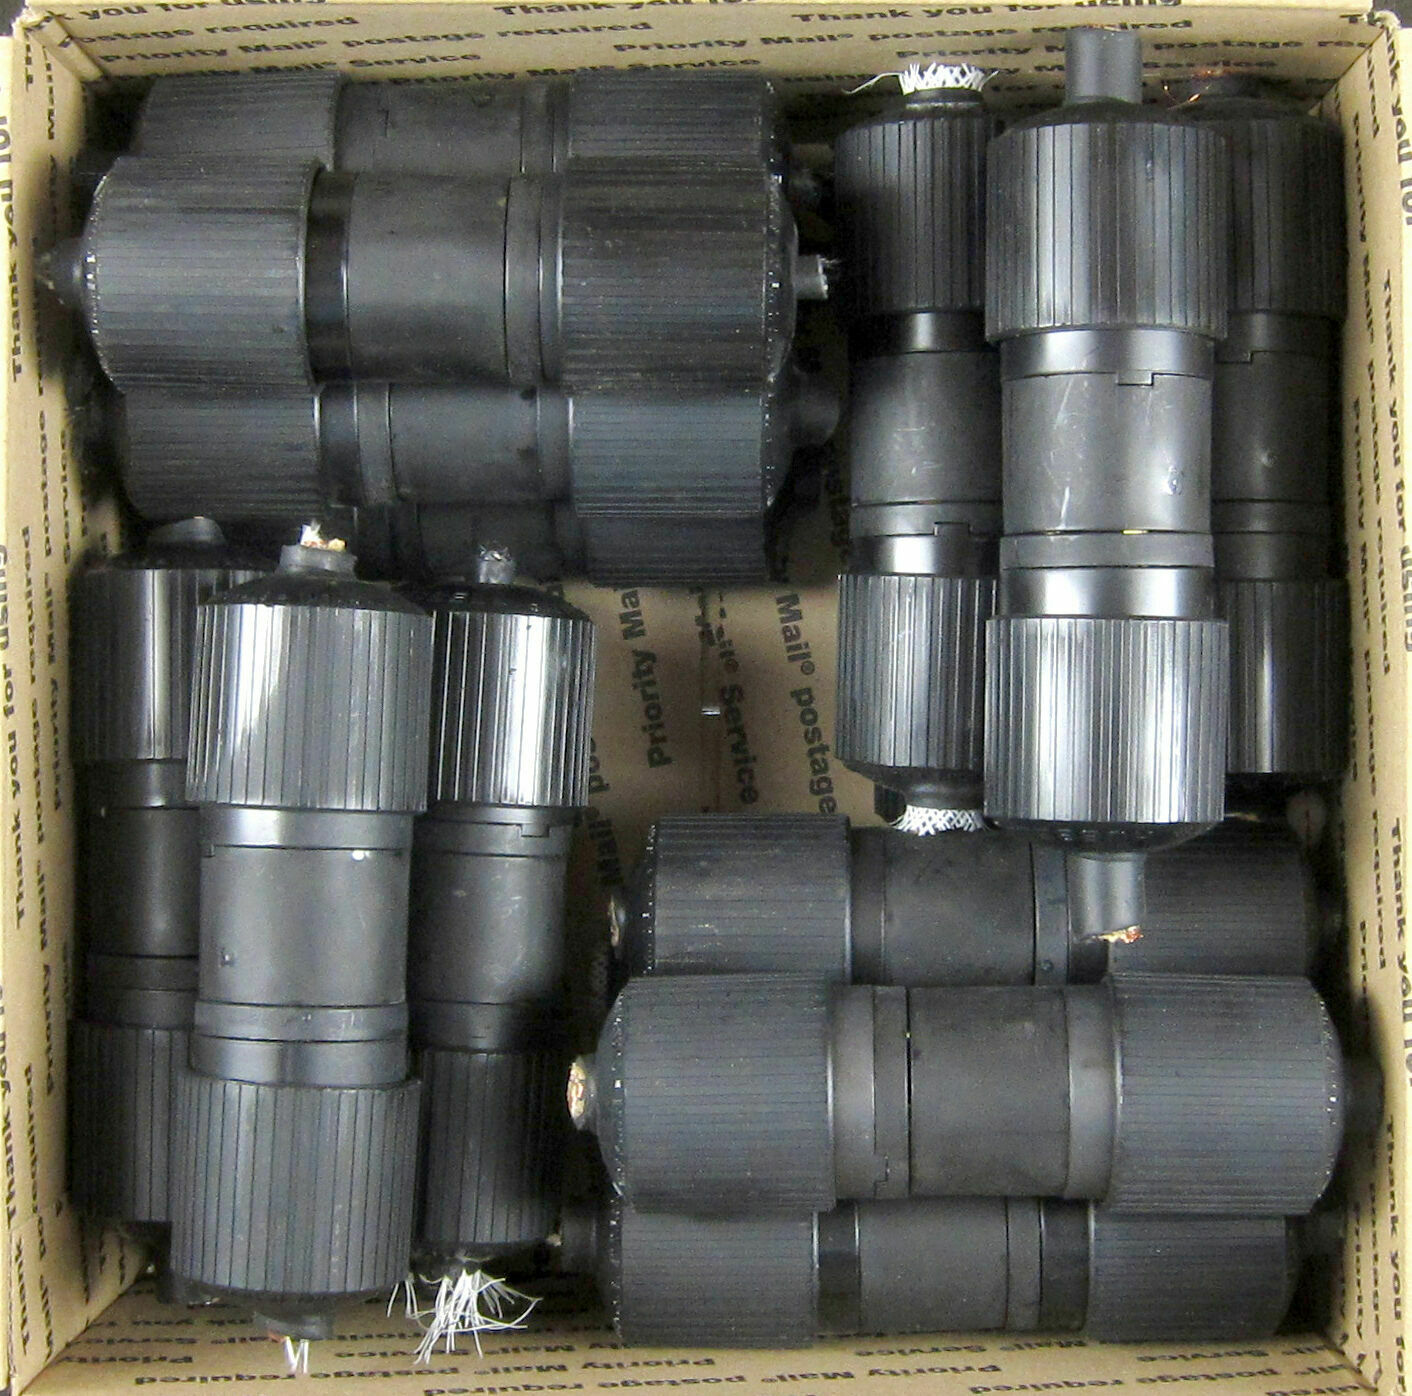 Hubbell Male 30a 250v Twist Lock Plug NEMA L6-30